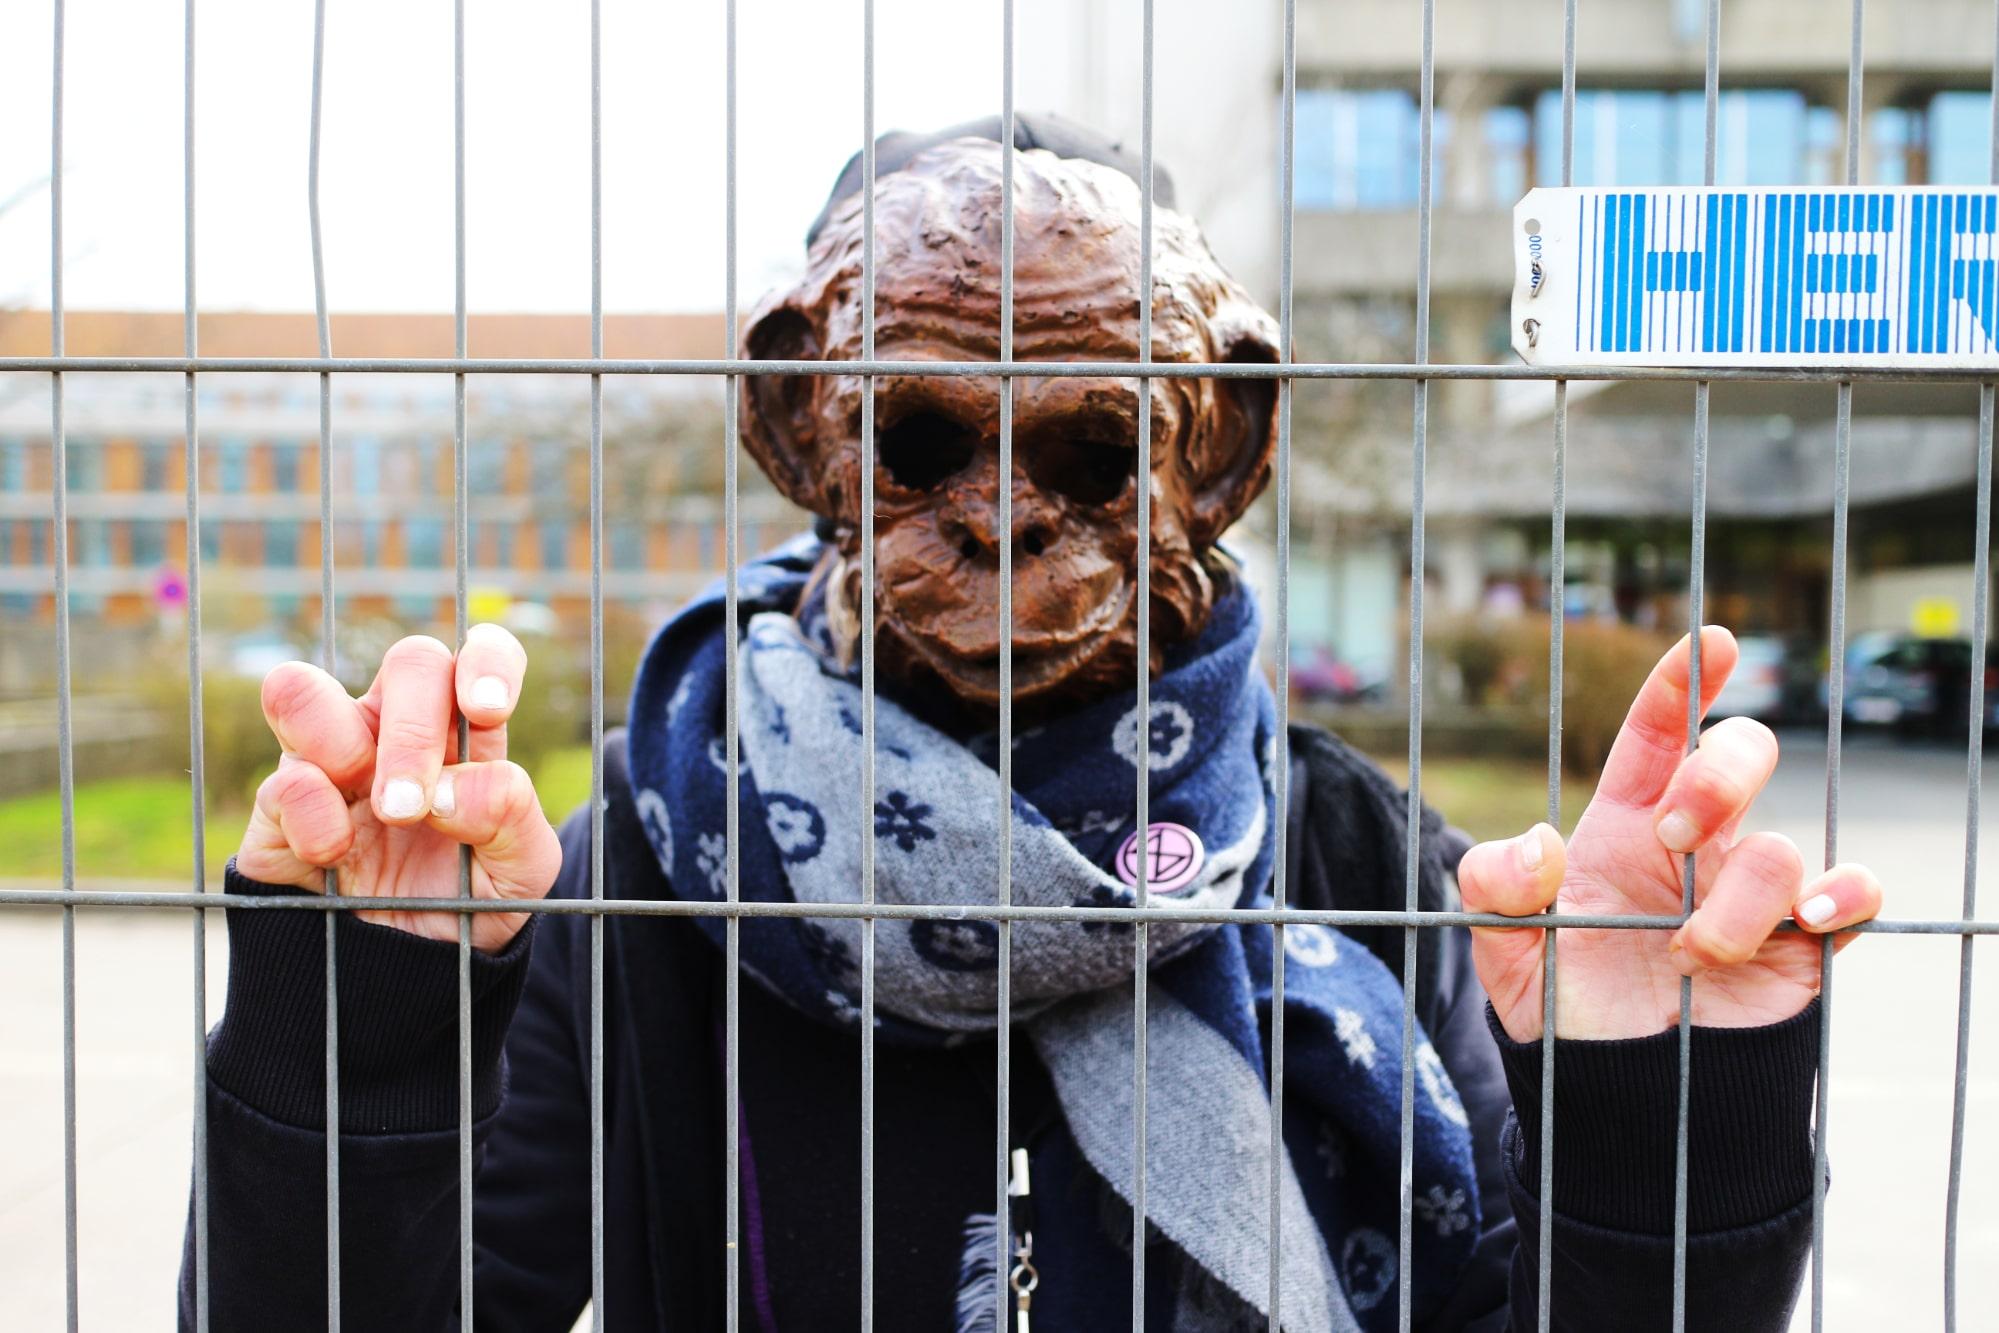 xr-animal-stop-experimentation-singe-grille-min